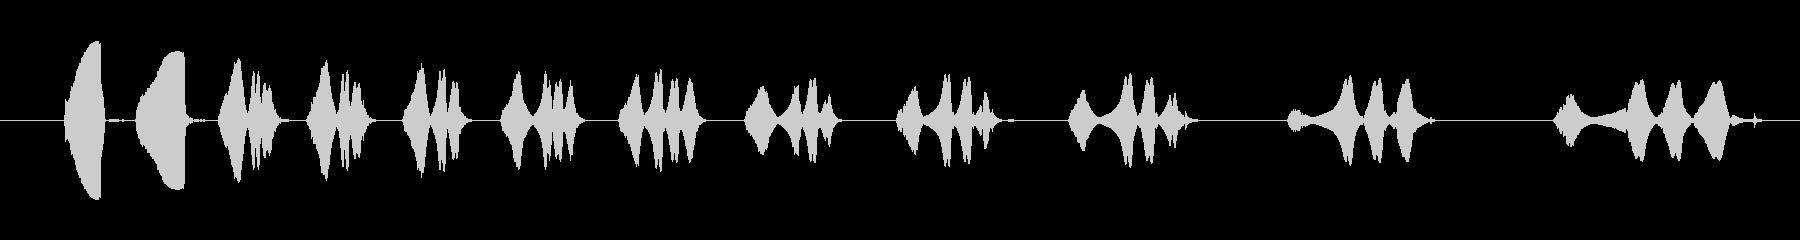 フィクション スペース レーザーマ...の未再生の波形